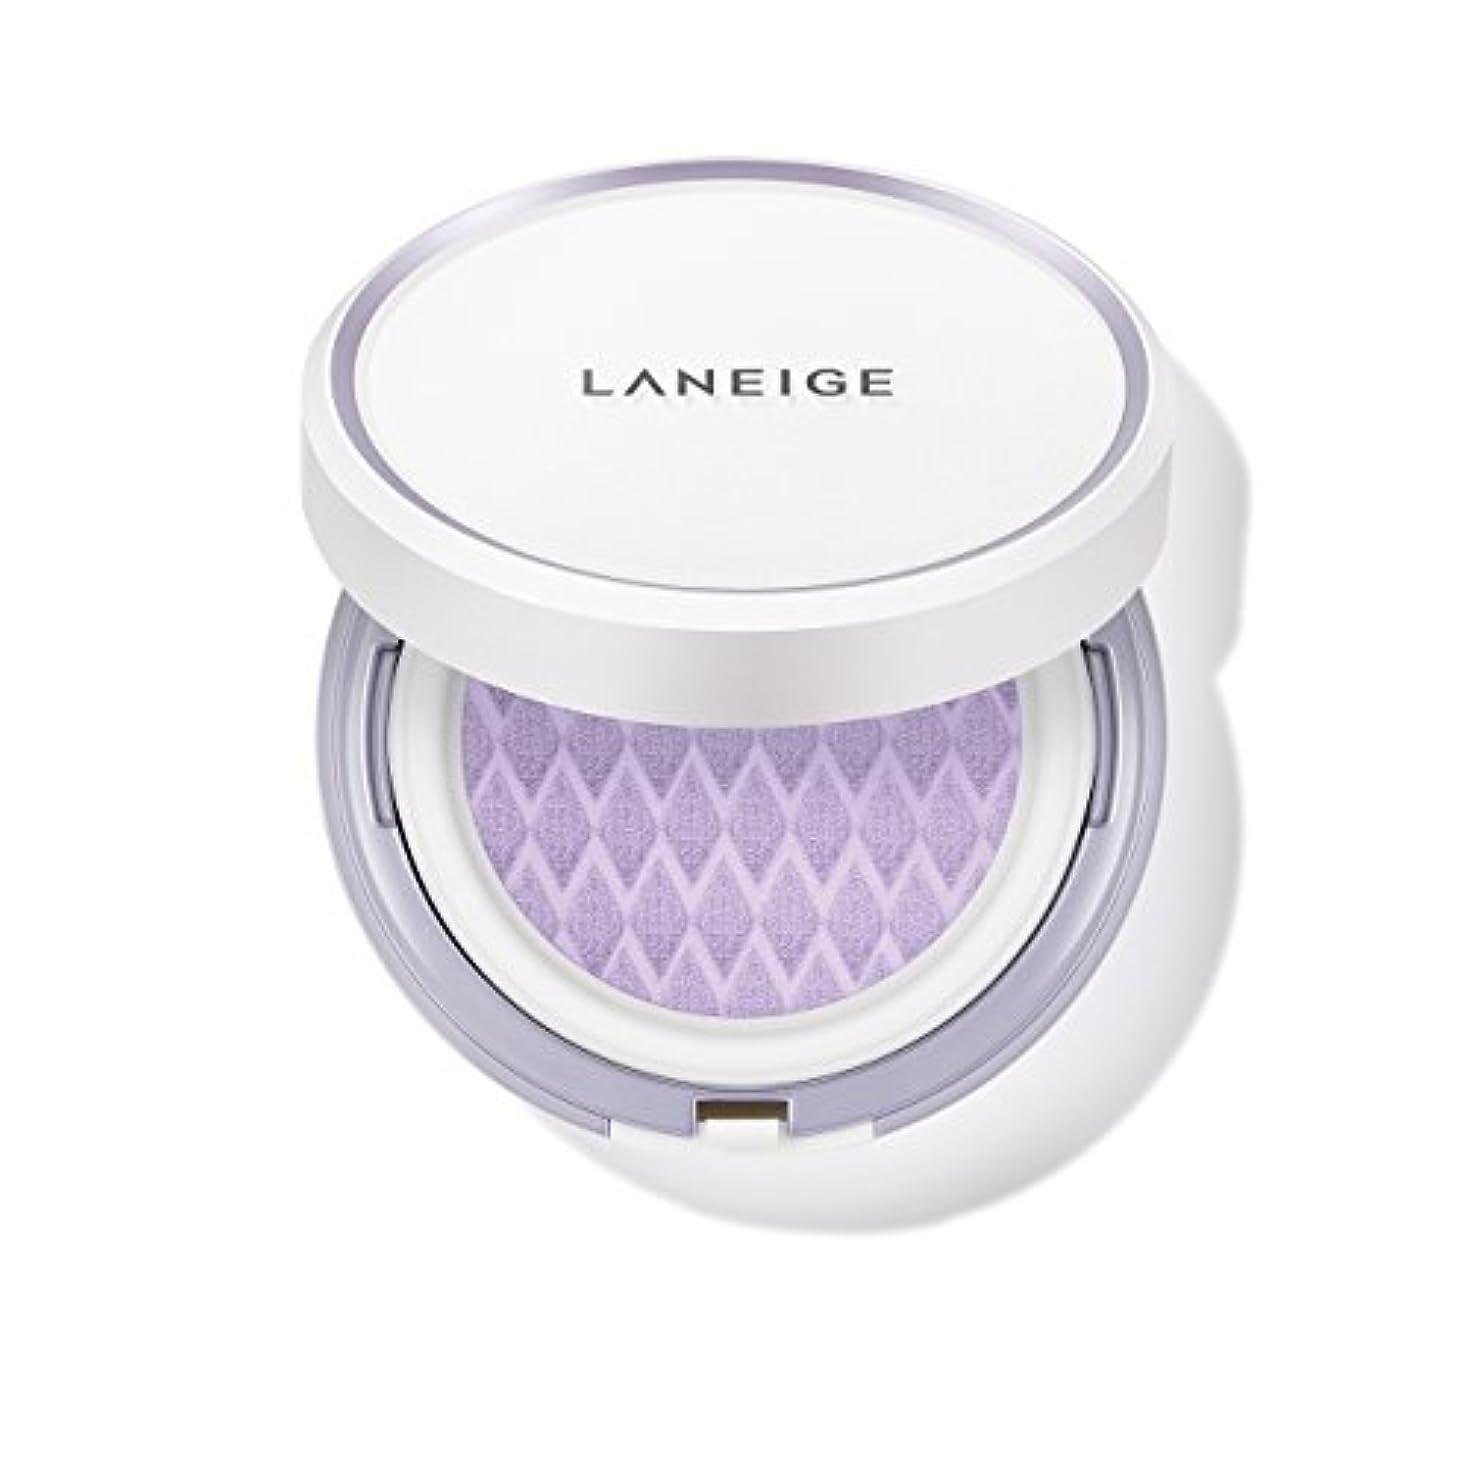 繊維芸術的三角ラネージュ[LANEIGE]*AMOREPACIFIC*[新商品]スキンベなベースクッションSPF 22PA++(#40 Light Purple) 15g*2 / LANEIGE Skin Veil Base Cushion...